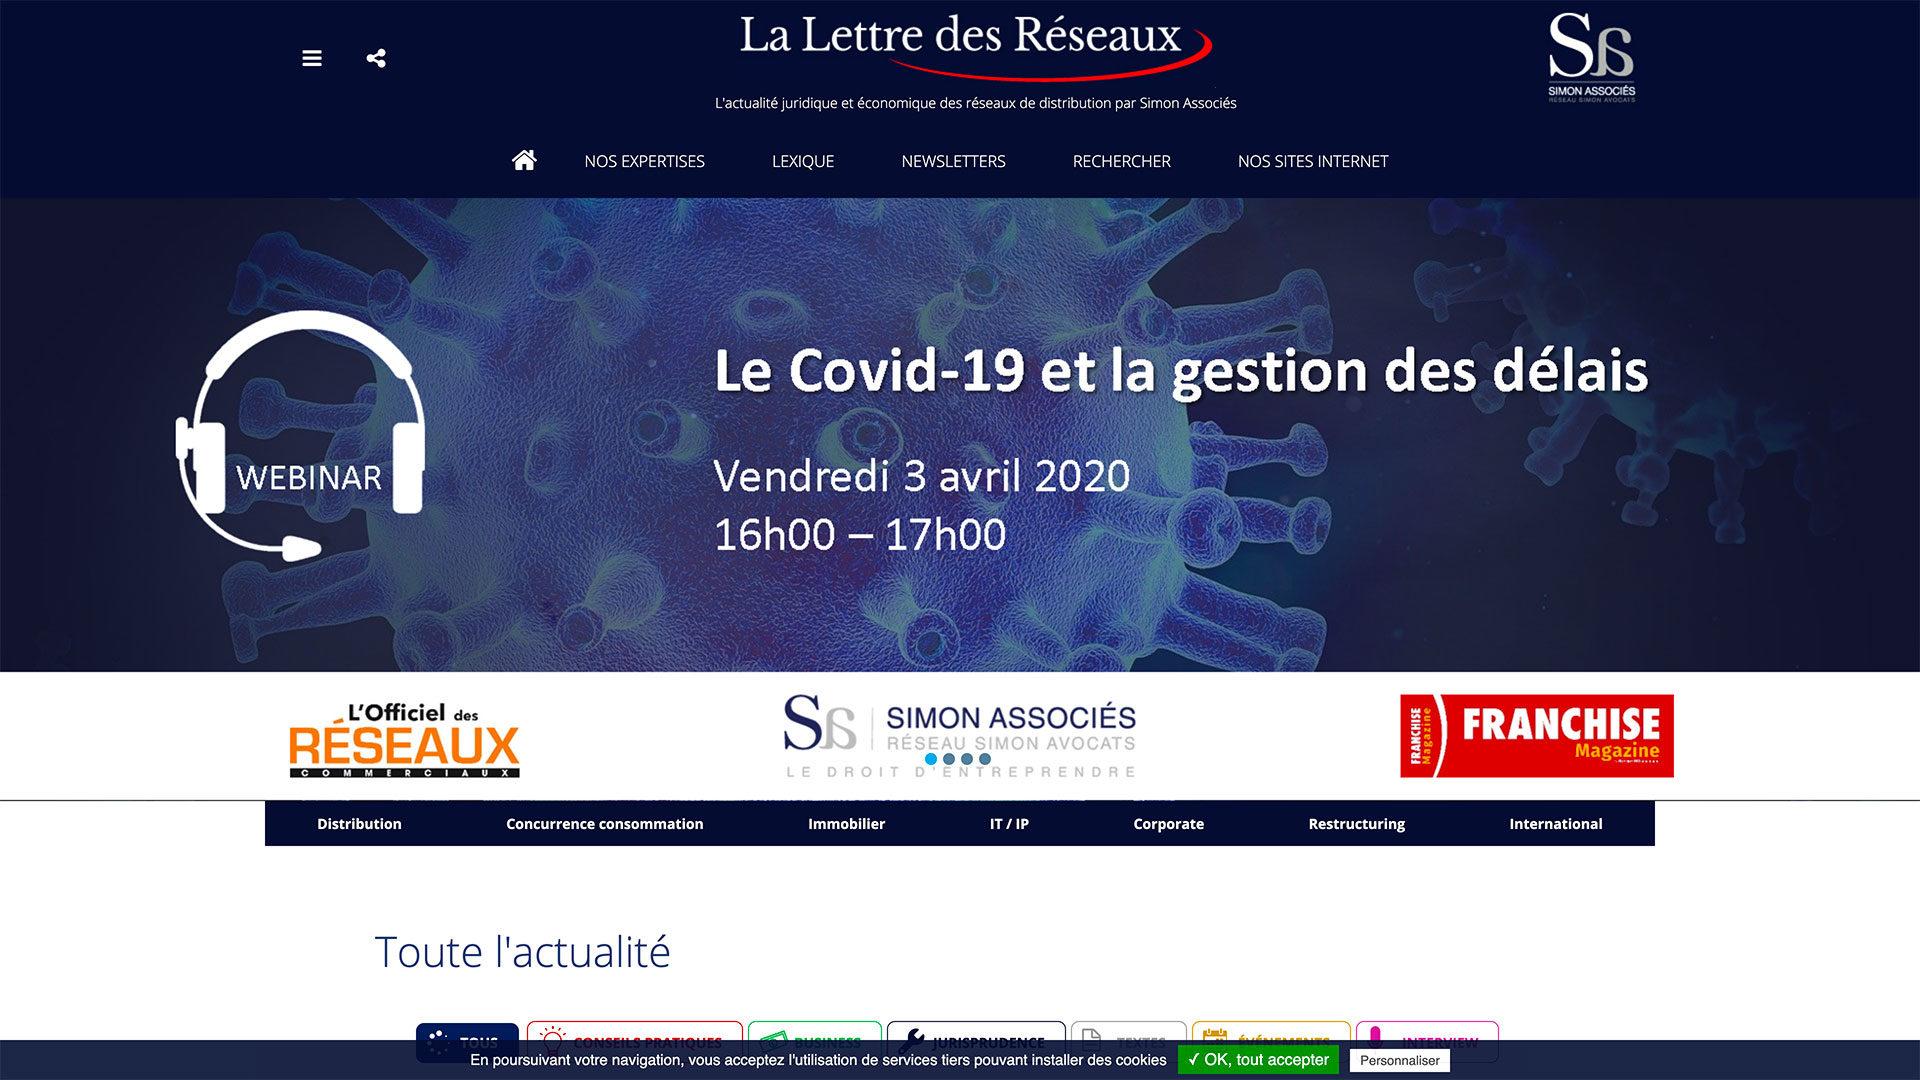 lettredesreseaux.com